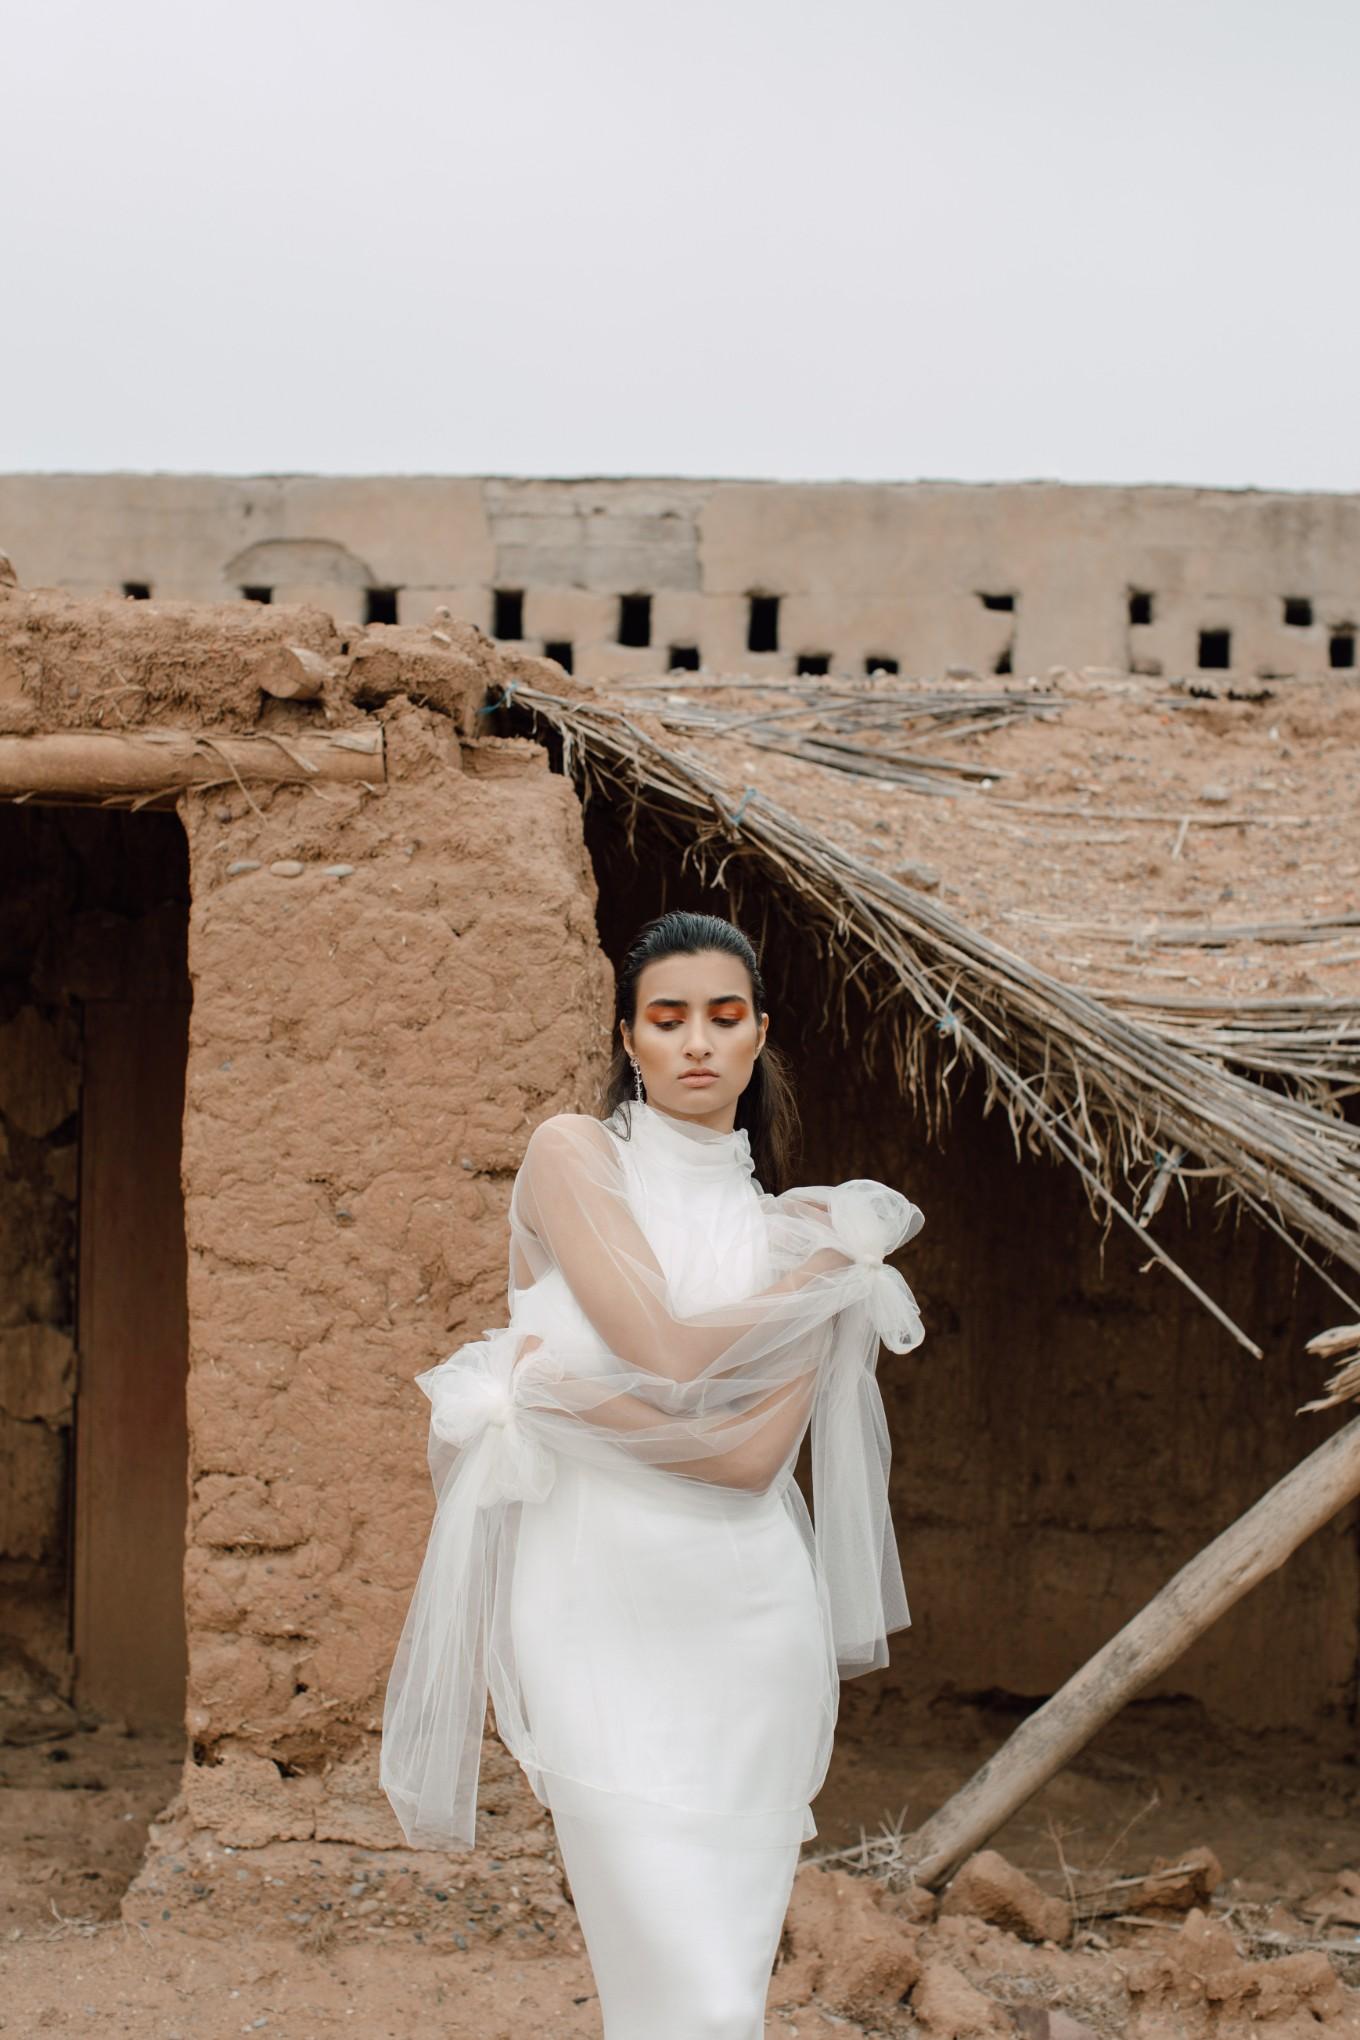 The-Saums-Marrakech-Editorial-30.jpg